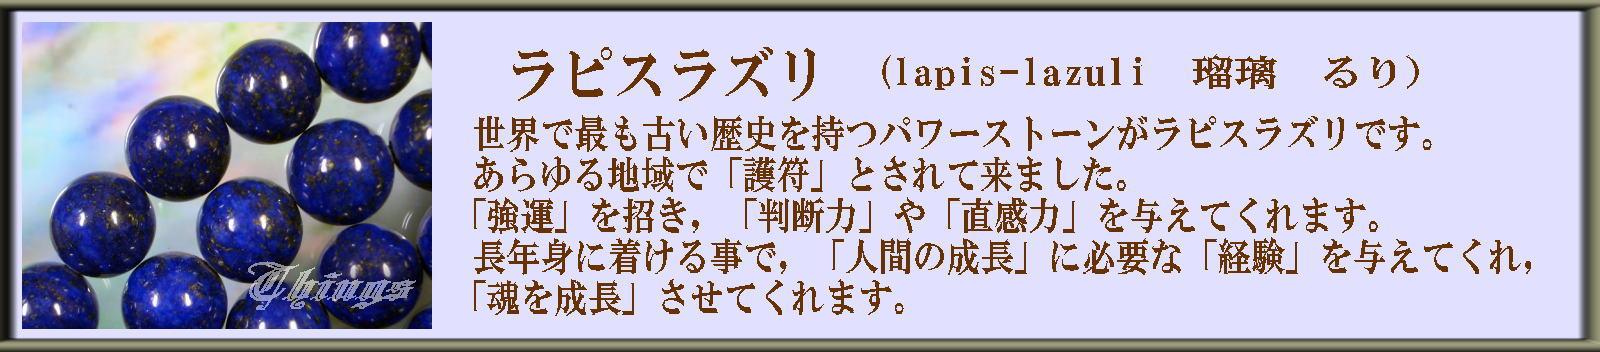 ◆ラピスラズリ lapis-lazuli 瑠璃 るり◆